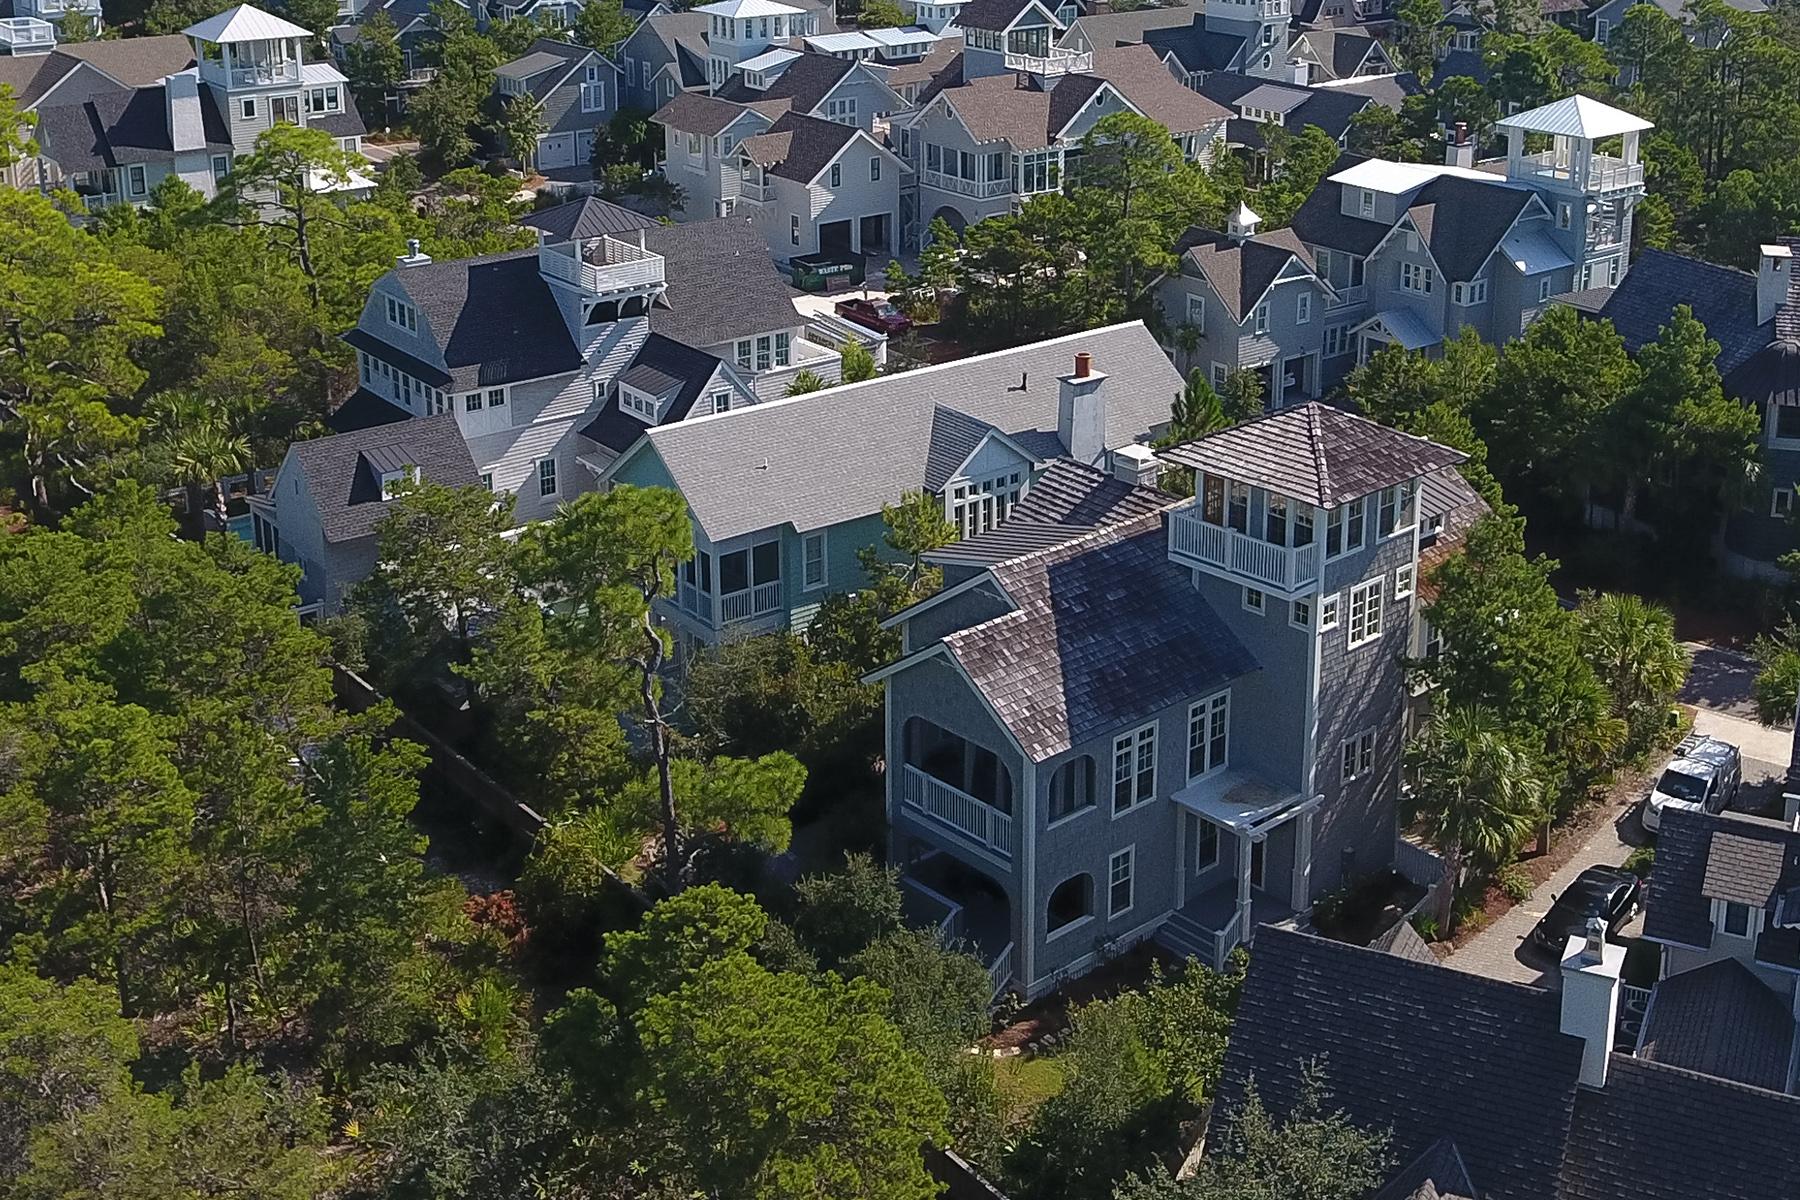 Частный односемейный дом для того Продажа на BEAUTIFULLY DECORATED BORDERING TRANQUIL STATE PAR 148 Coopersmith Lane Watersound, Watersound, Флорида, 32461 Соединенные Штаты